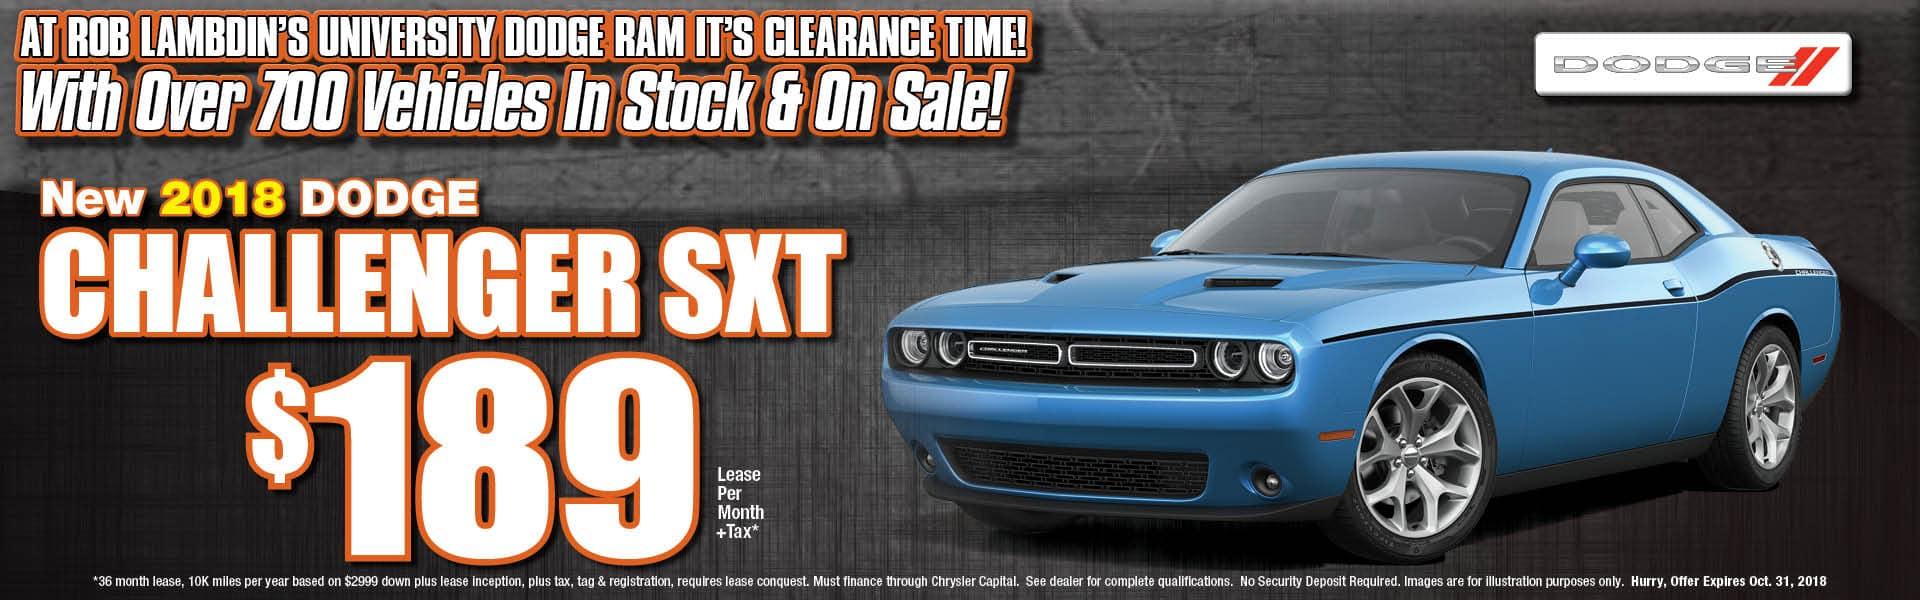 Challenger SXT Lease $189